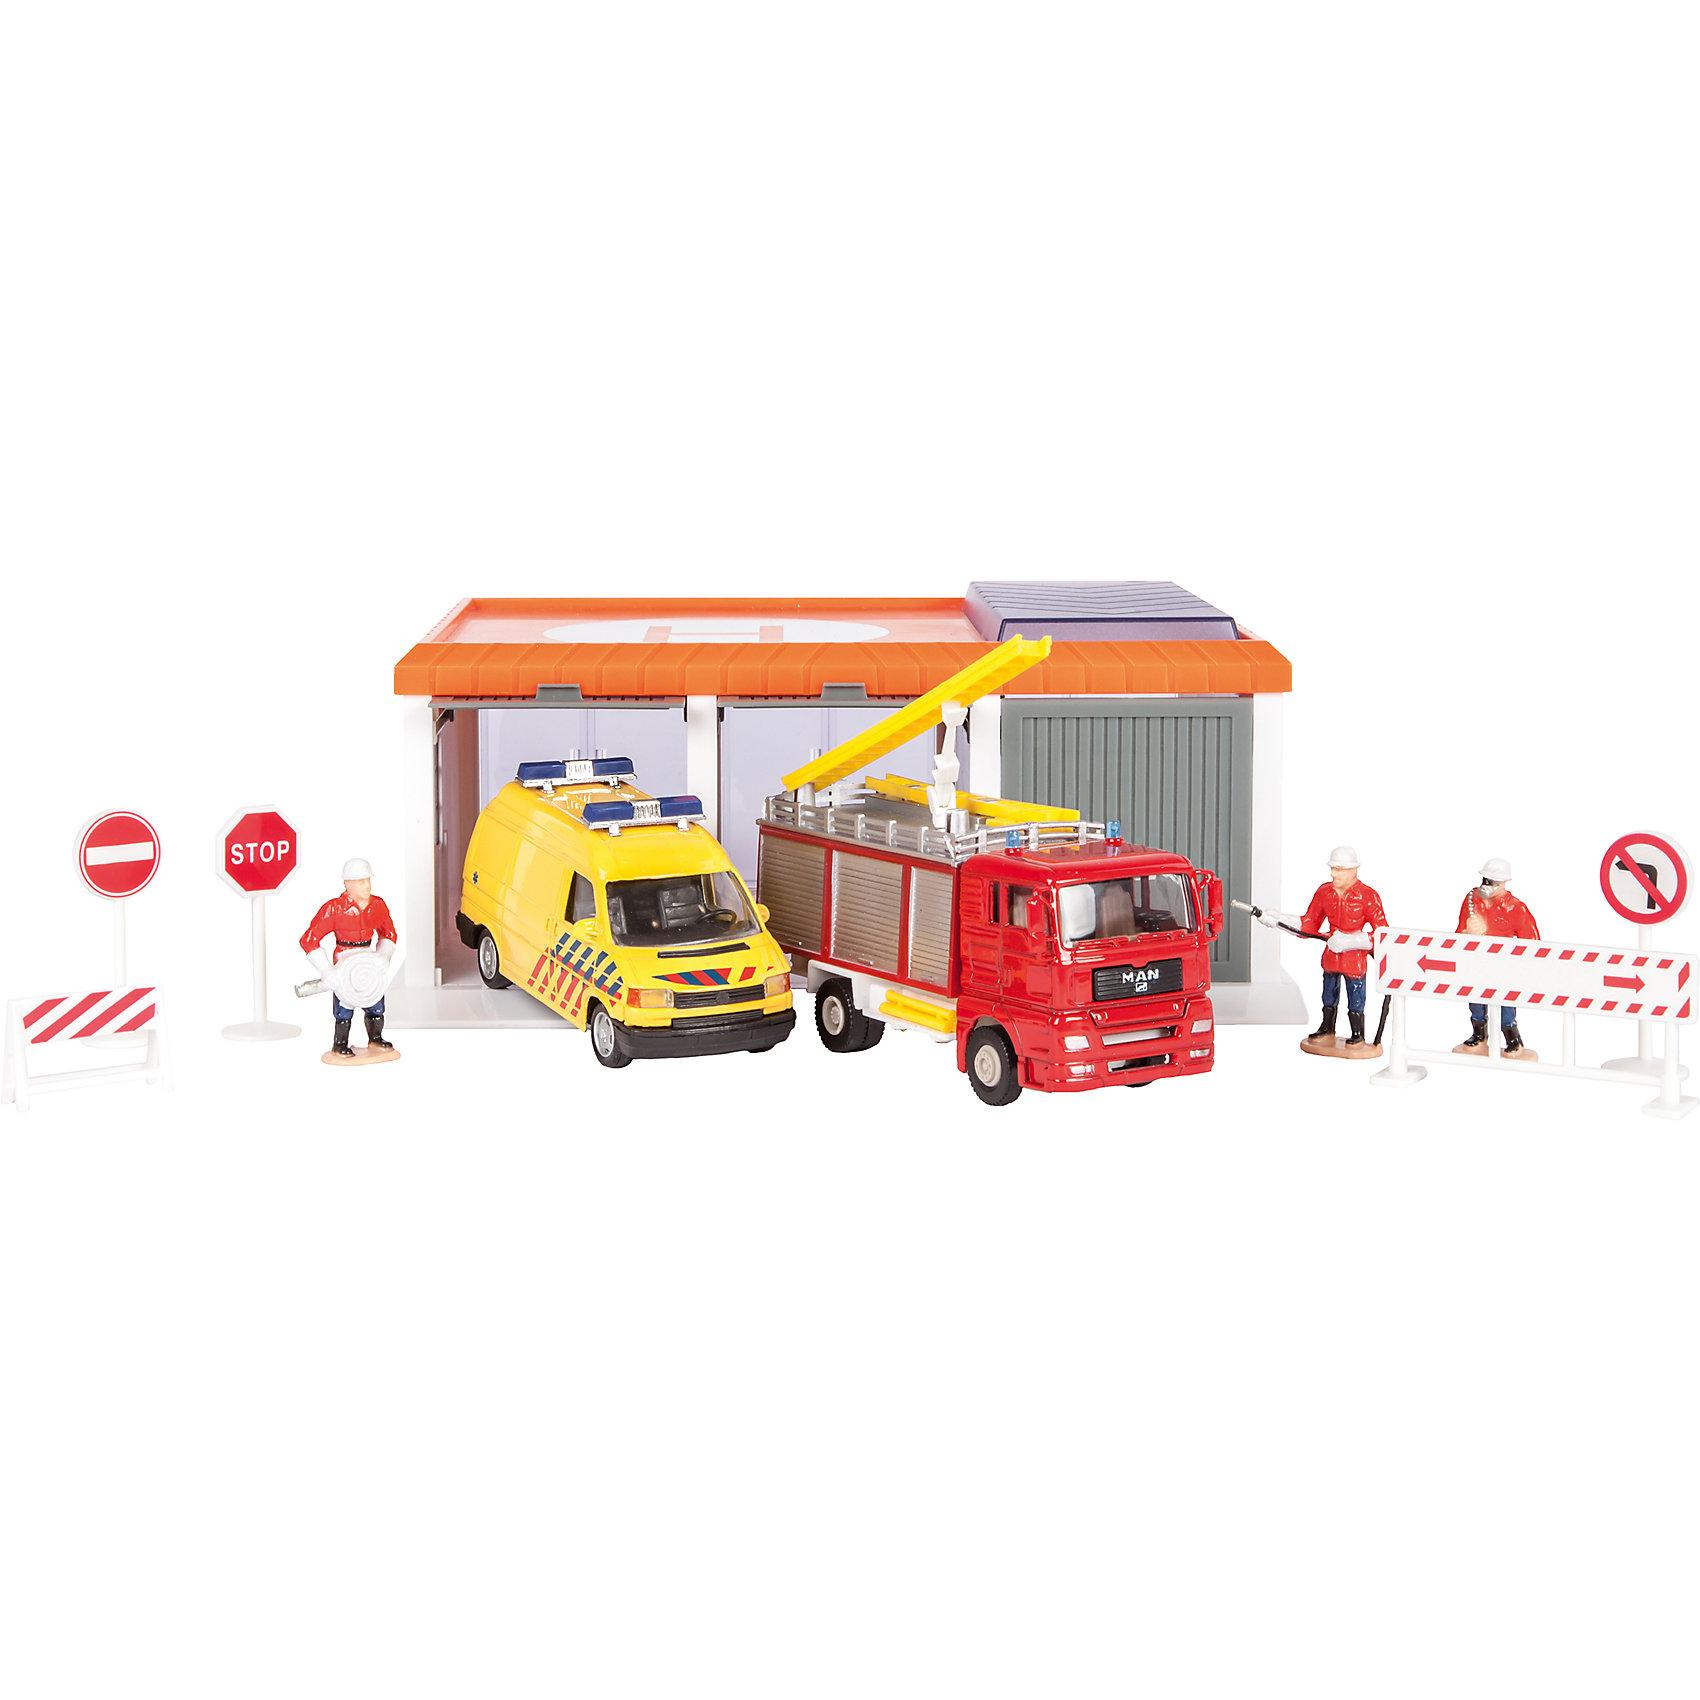 Пламенный мотор Гараж Пожарное депо, Пламенный мотор купить гараж в москве путевой проезд